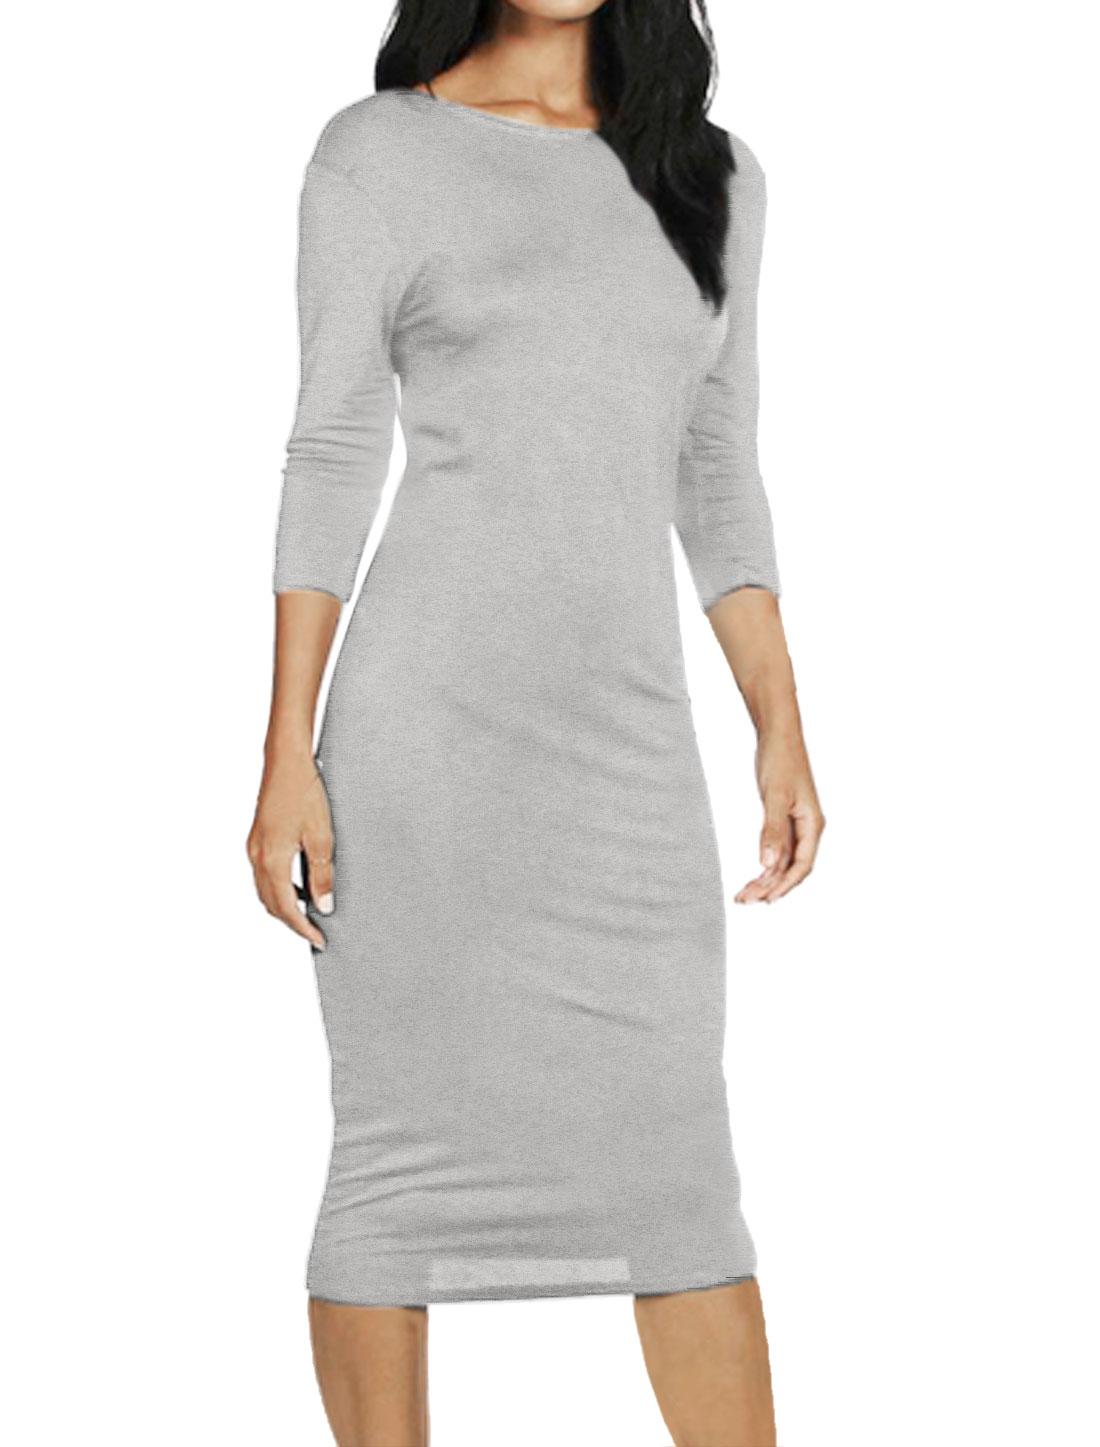 Women Bracelet Sleeves Open Back Bodycon Dress Gray M